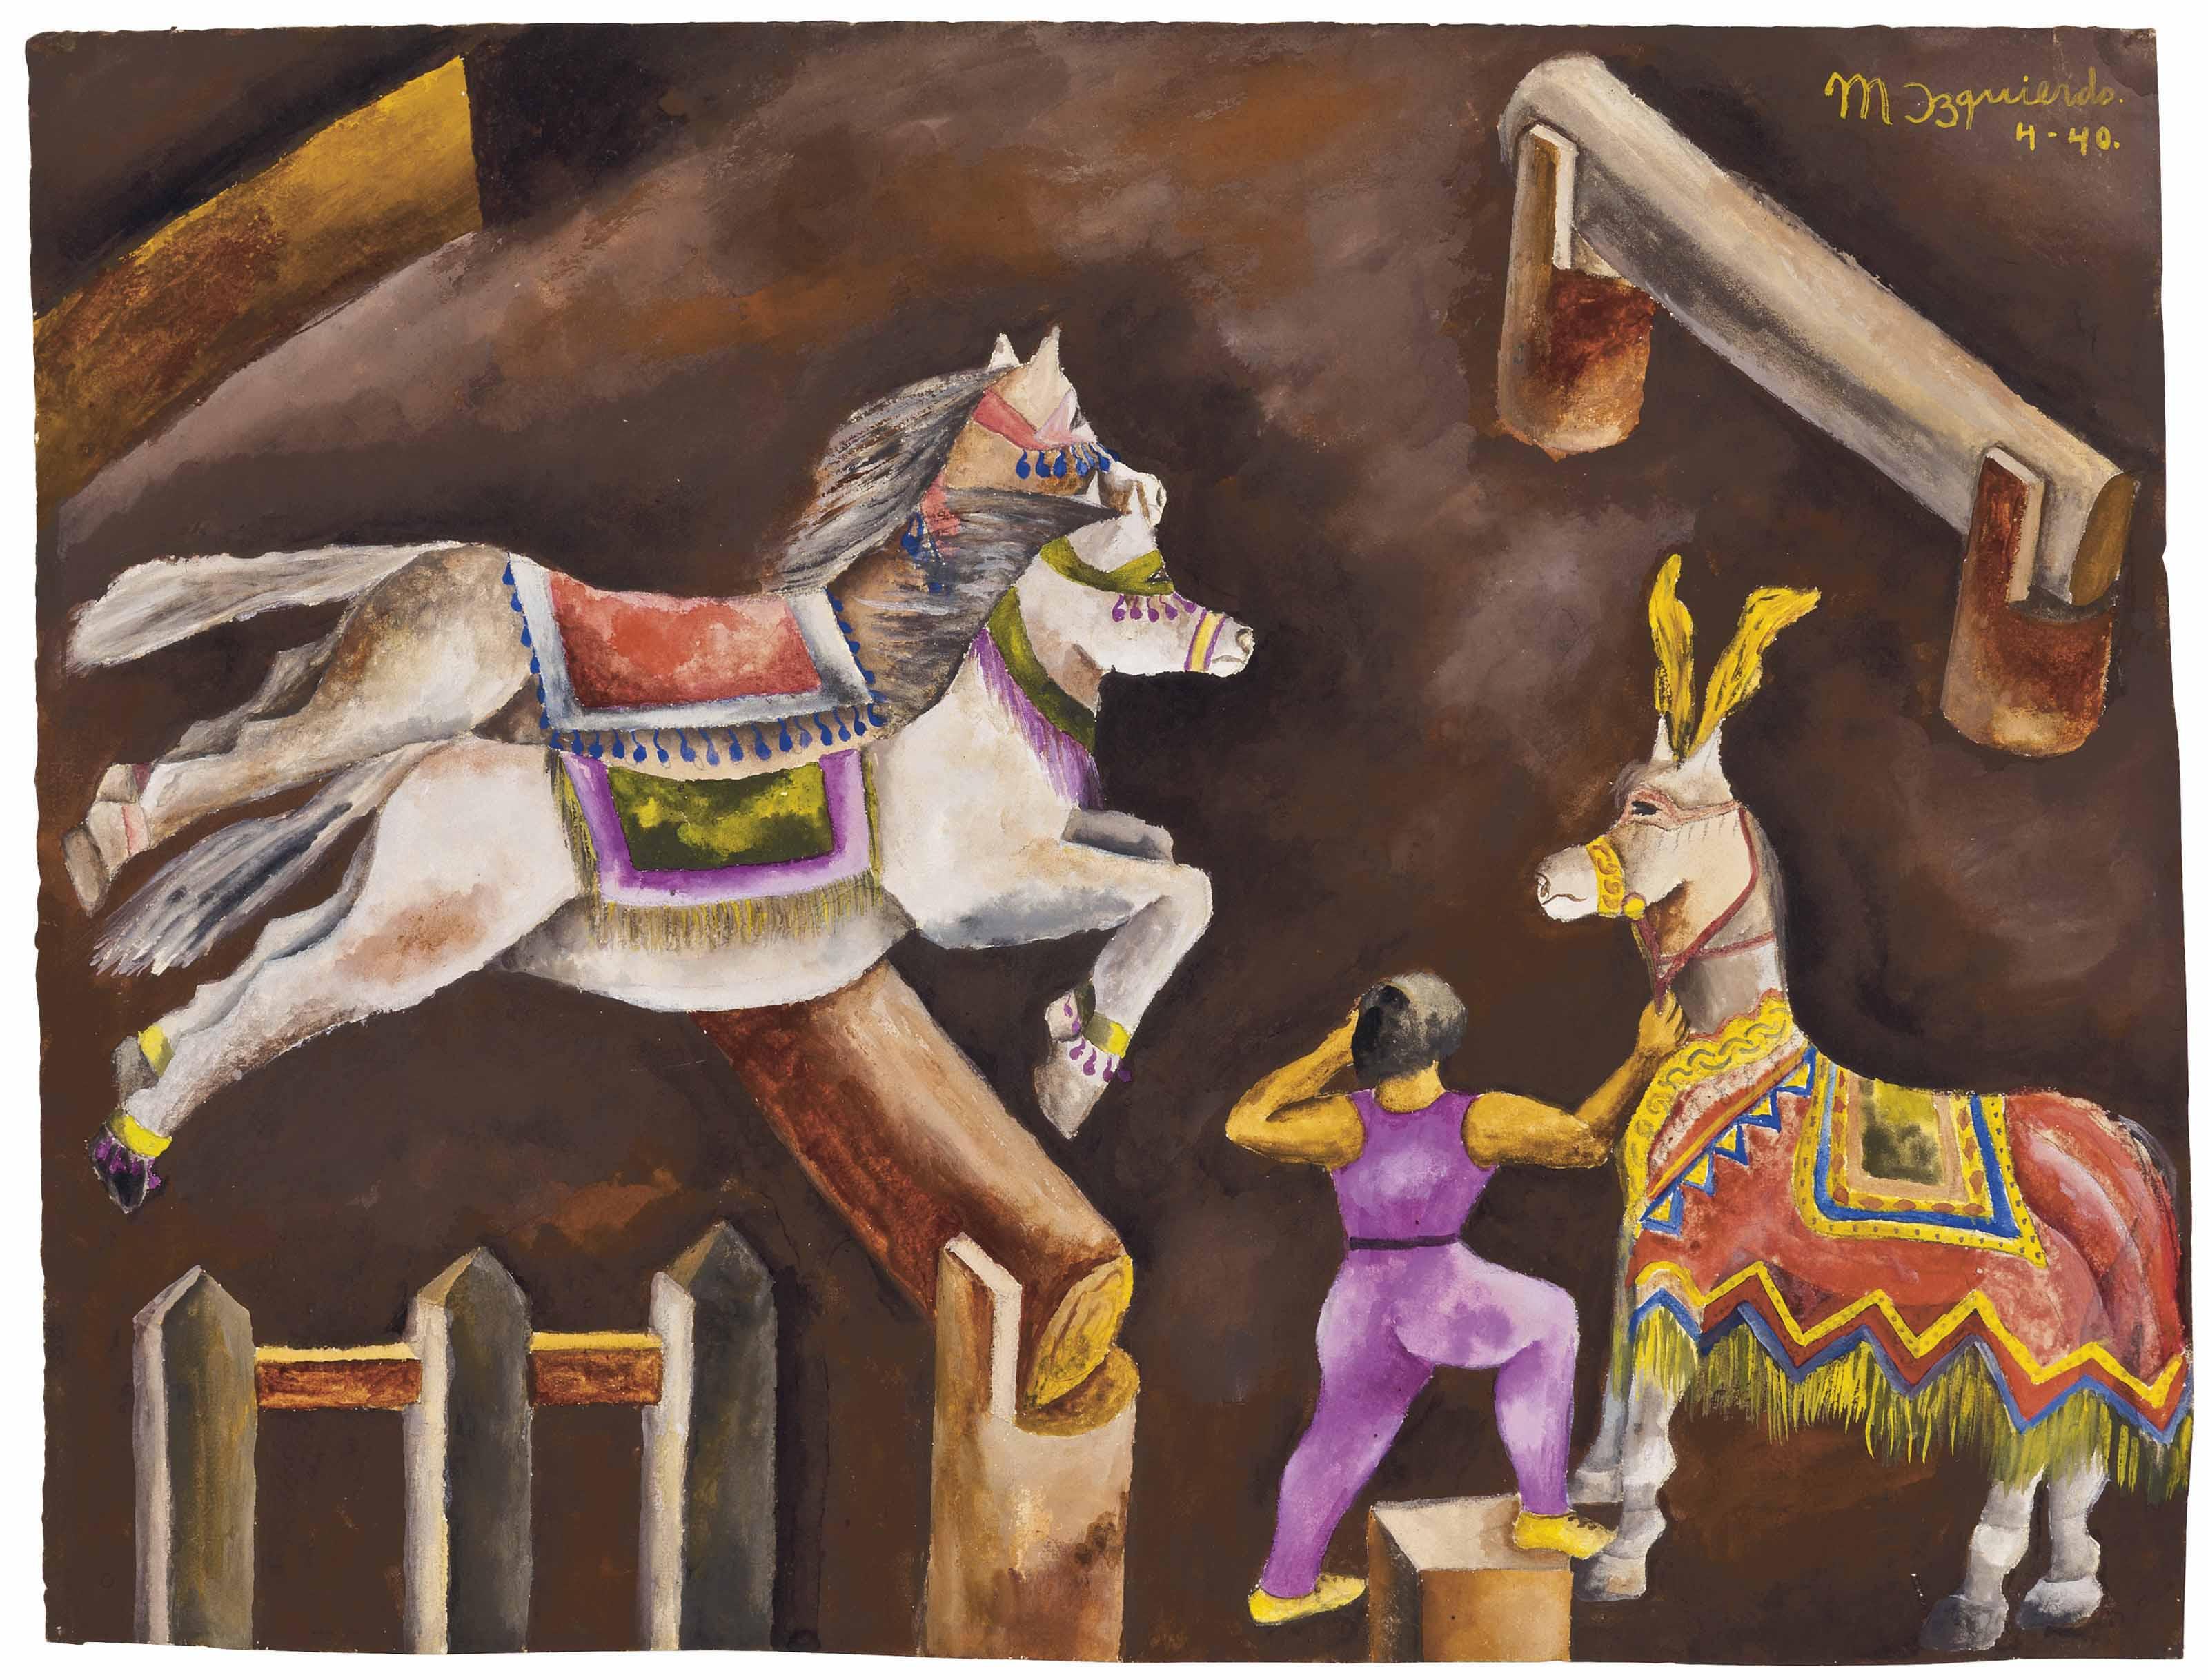 Caballitos del circo